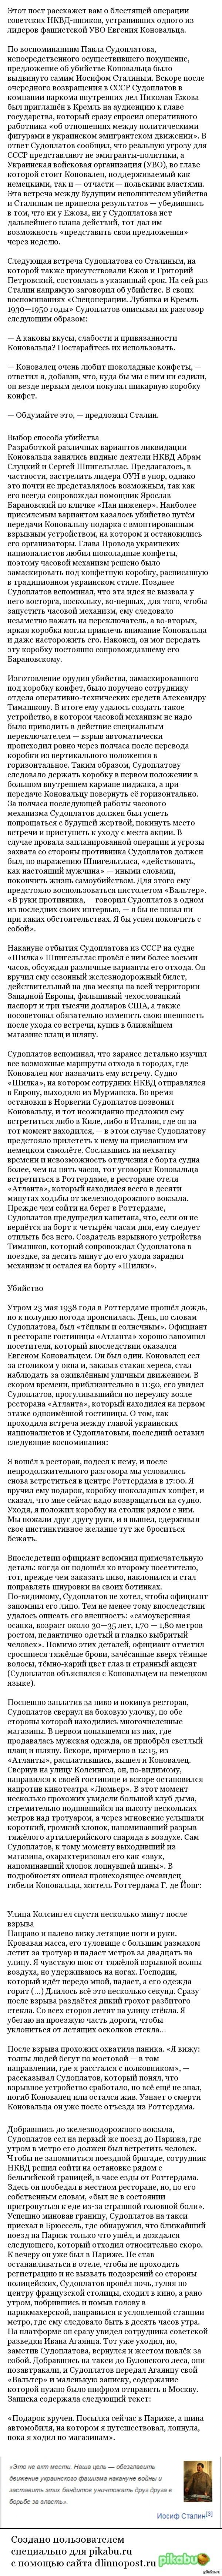 Посылка доставлена. Интересная операция НКВД - ликвидация лидера Украинской Войсковой Организации, националиста Евгения Коновальца.